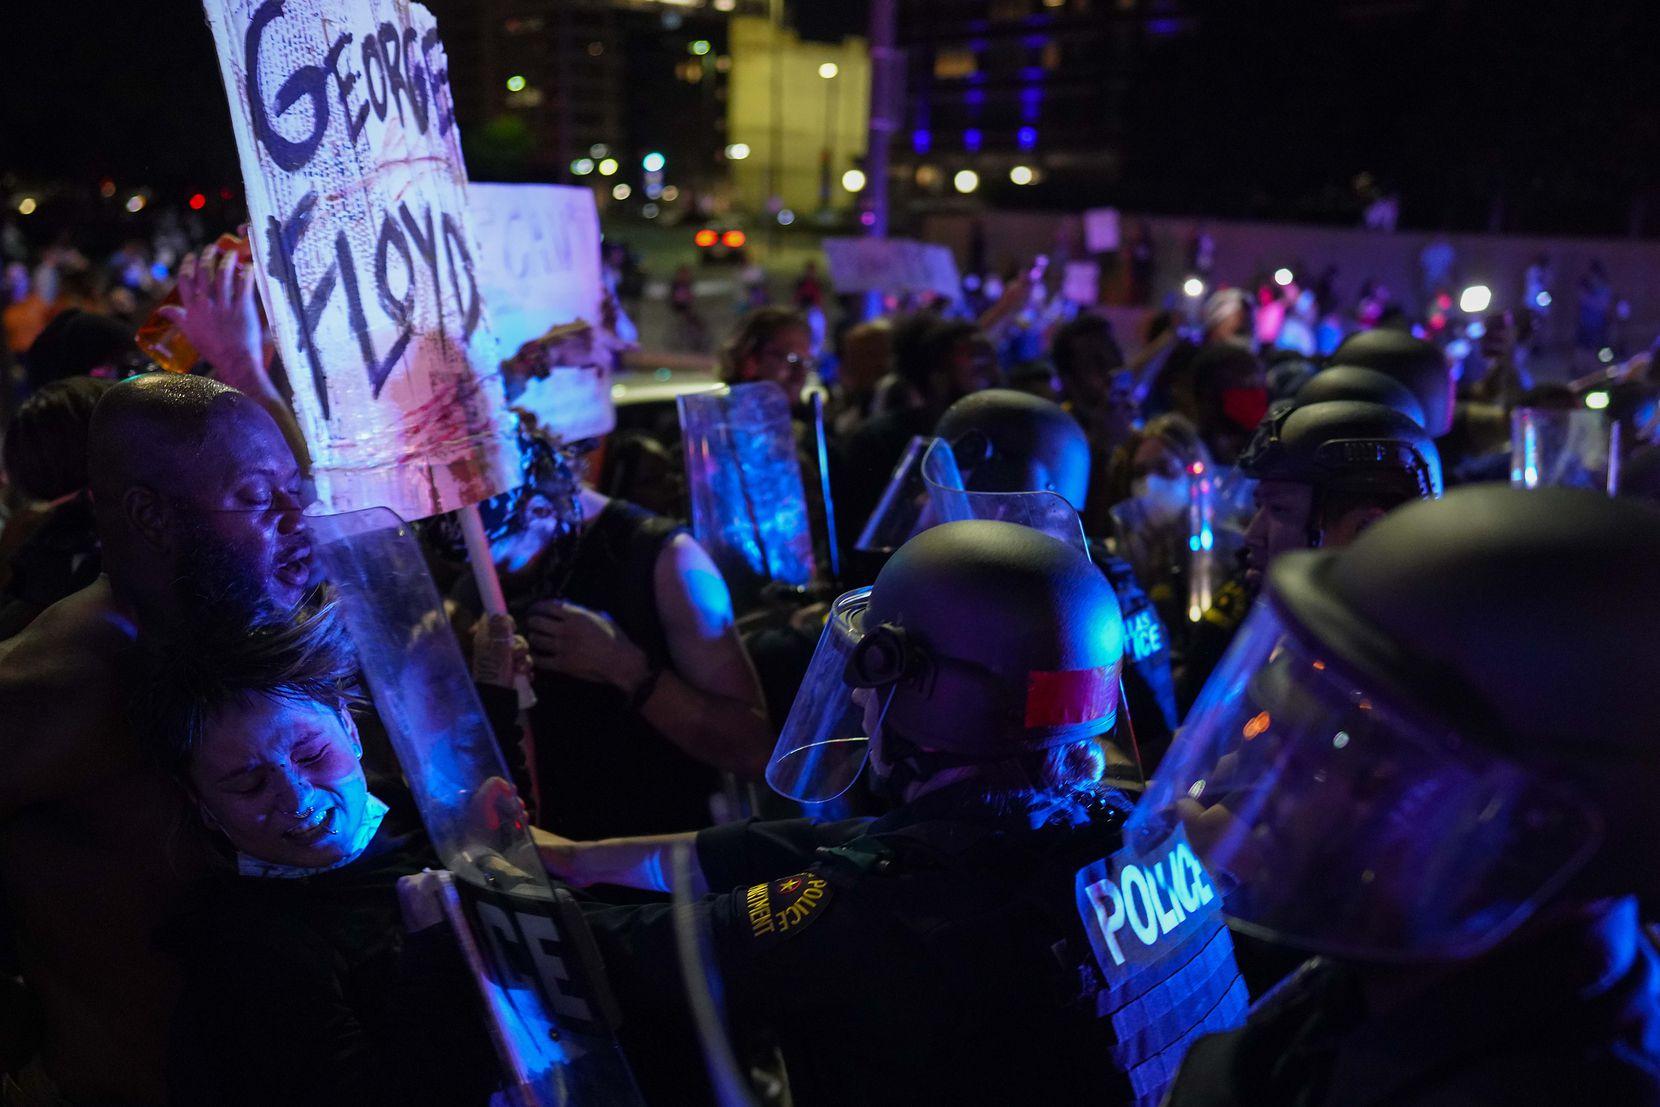 Agentes de la Policía de Dallas tratan de contener el avance de manifestantes en el centro de Dallas, el viernes por la noche.